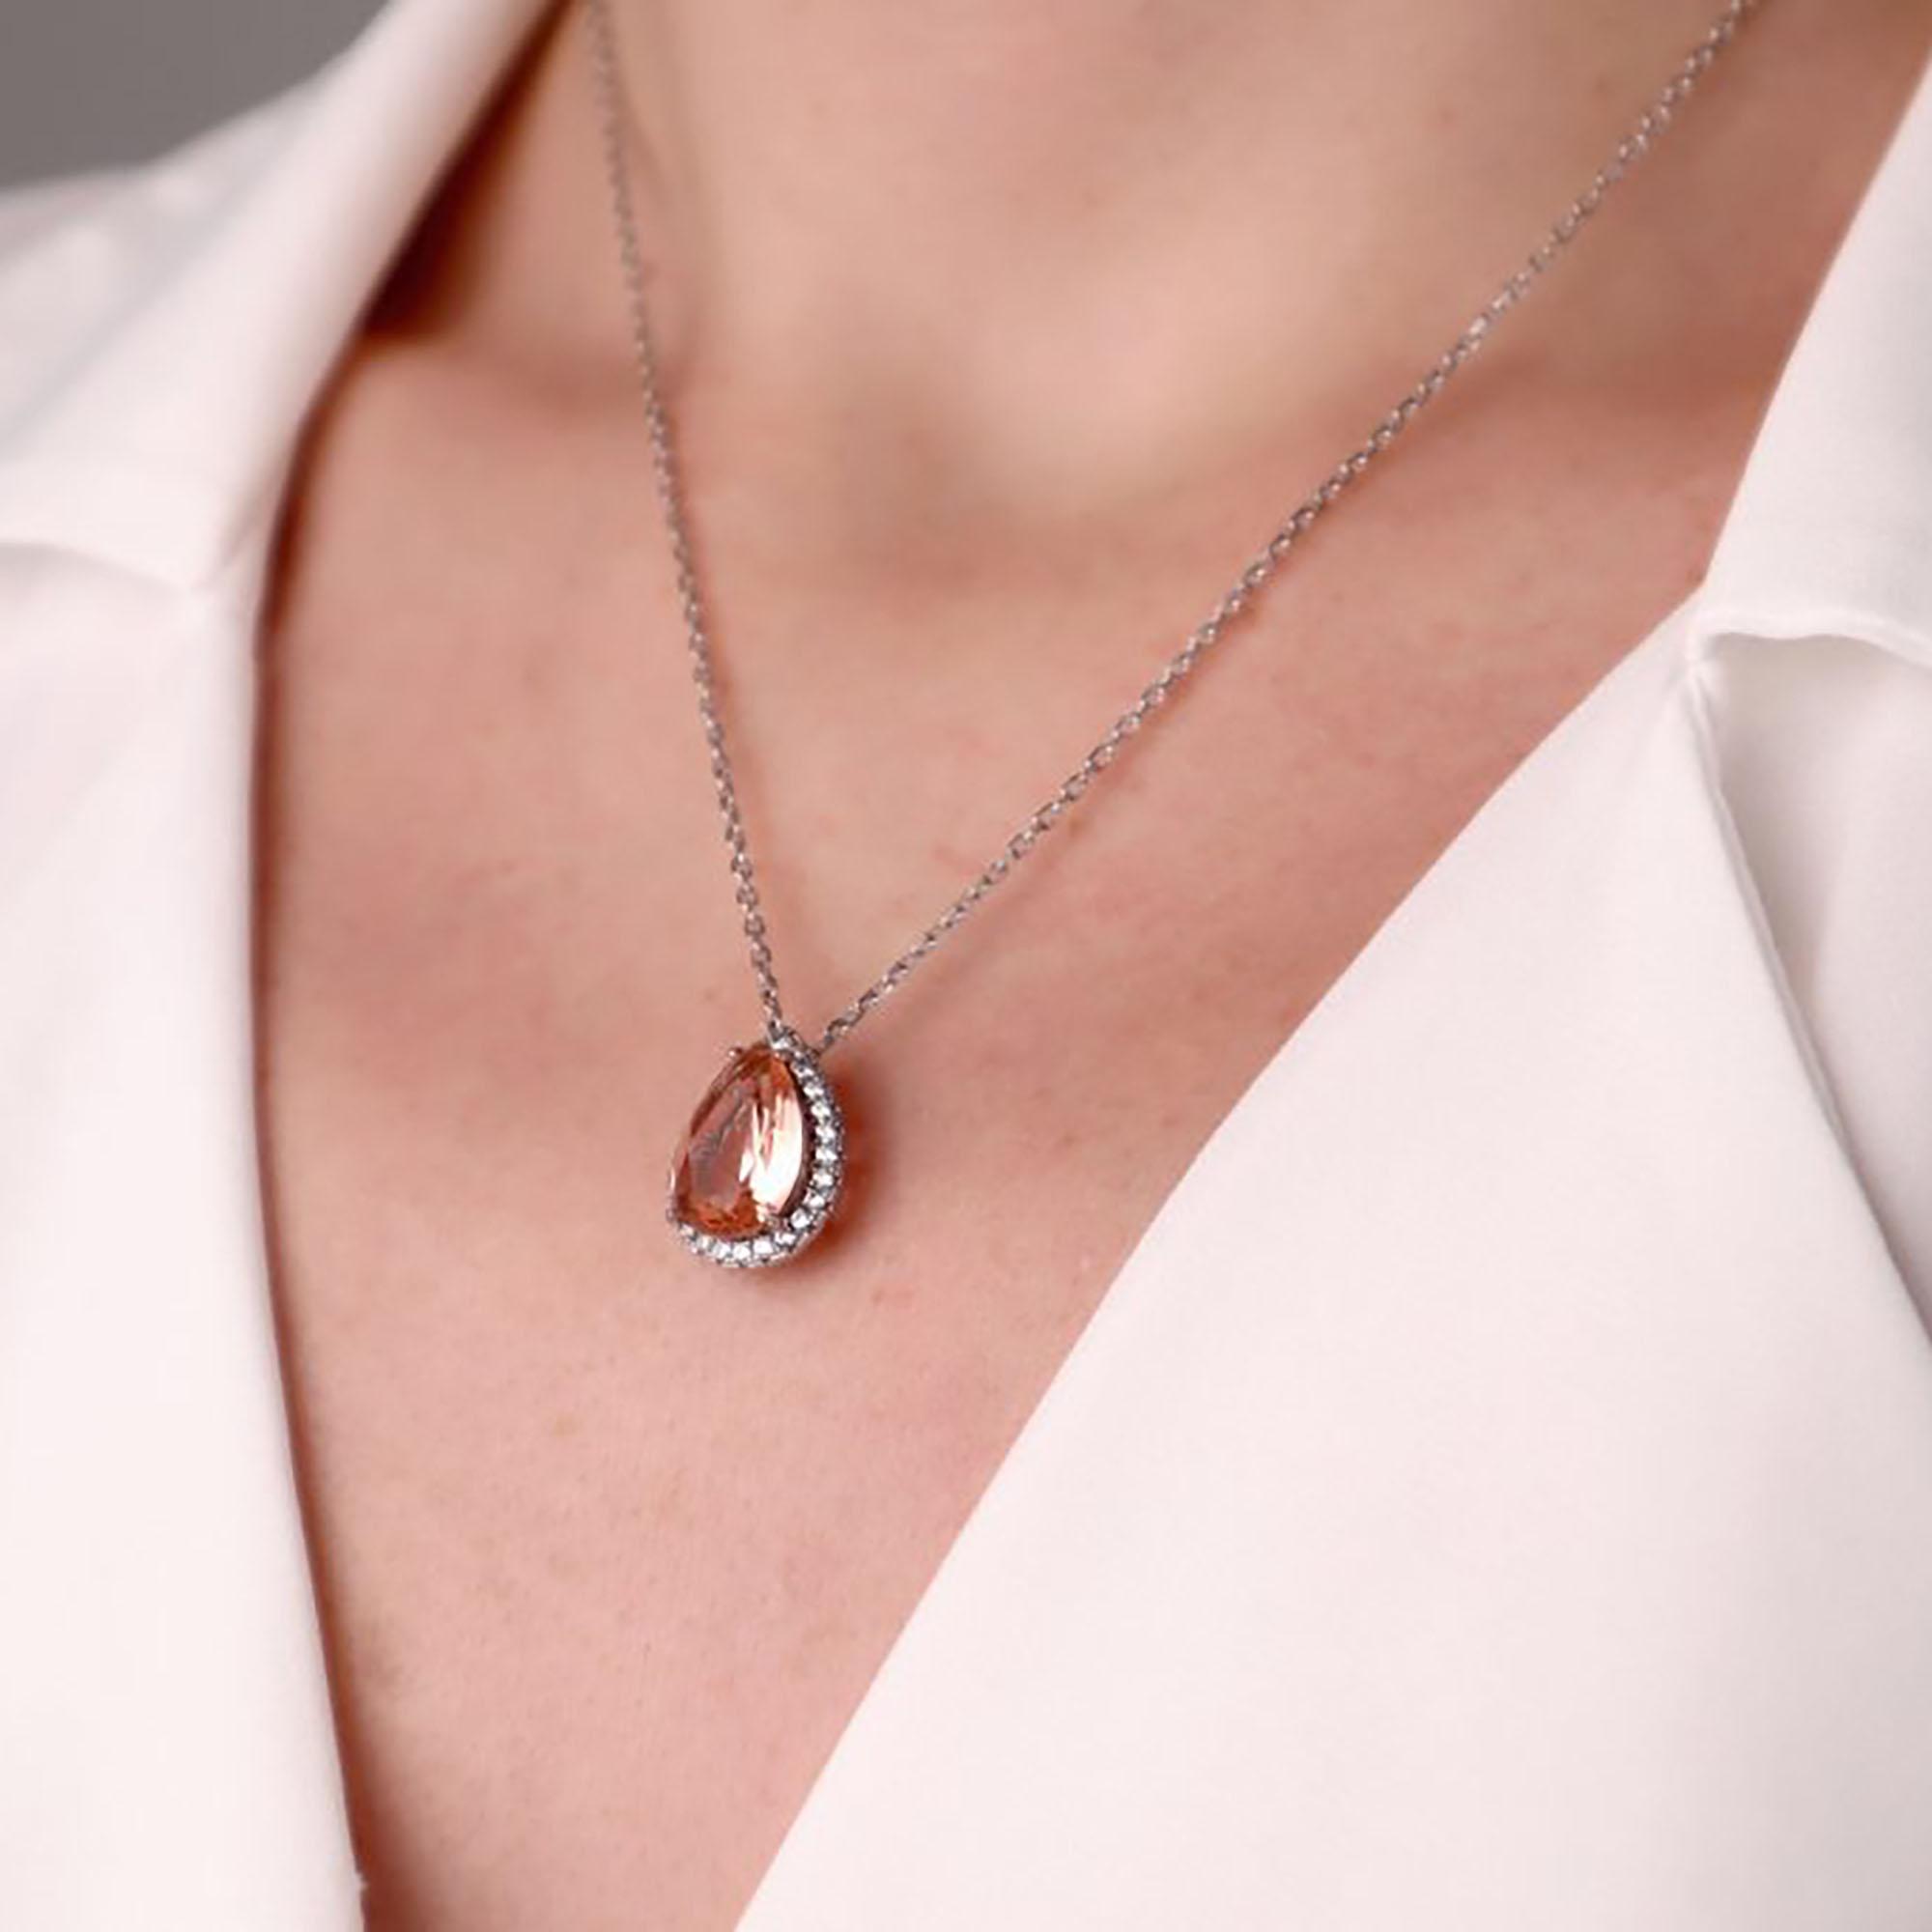 Gümüş – 925 Ayar Swarovski & Pink Quartz Taşlı Tasarım Kolye-2